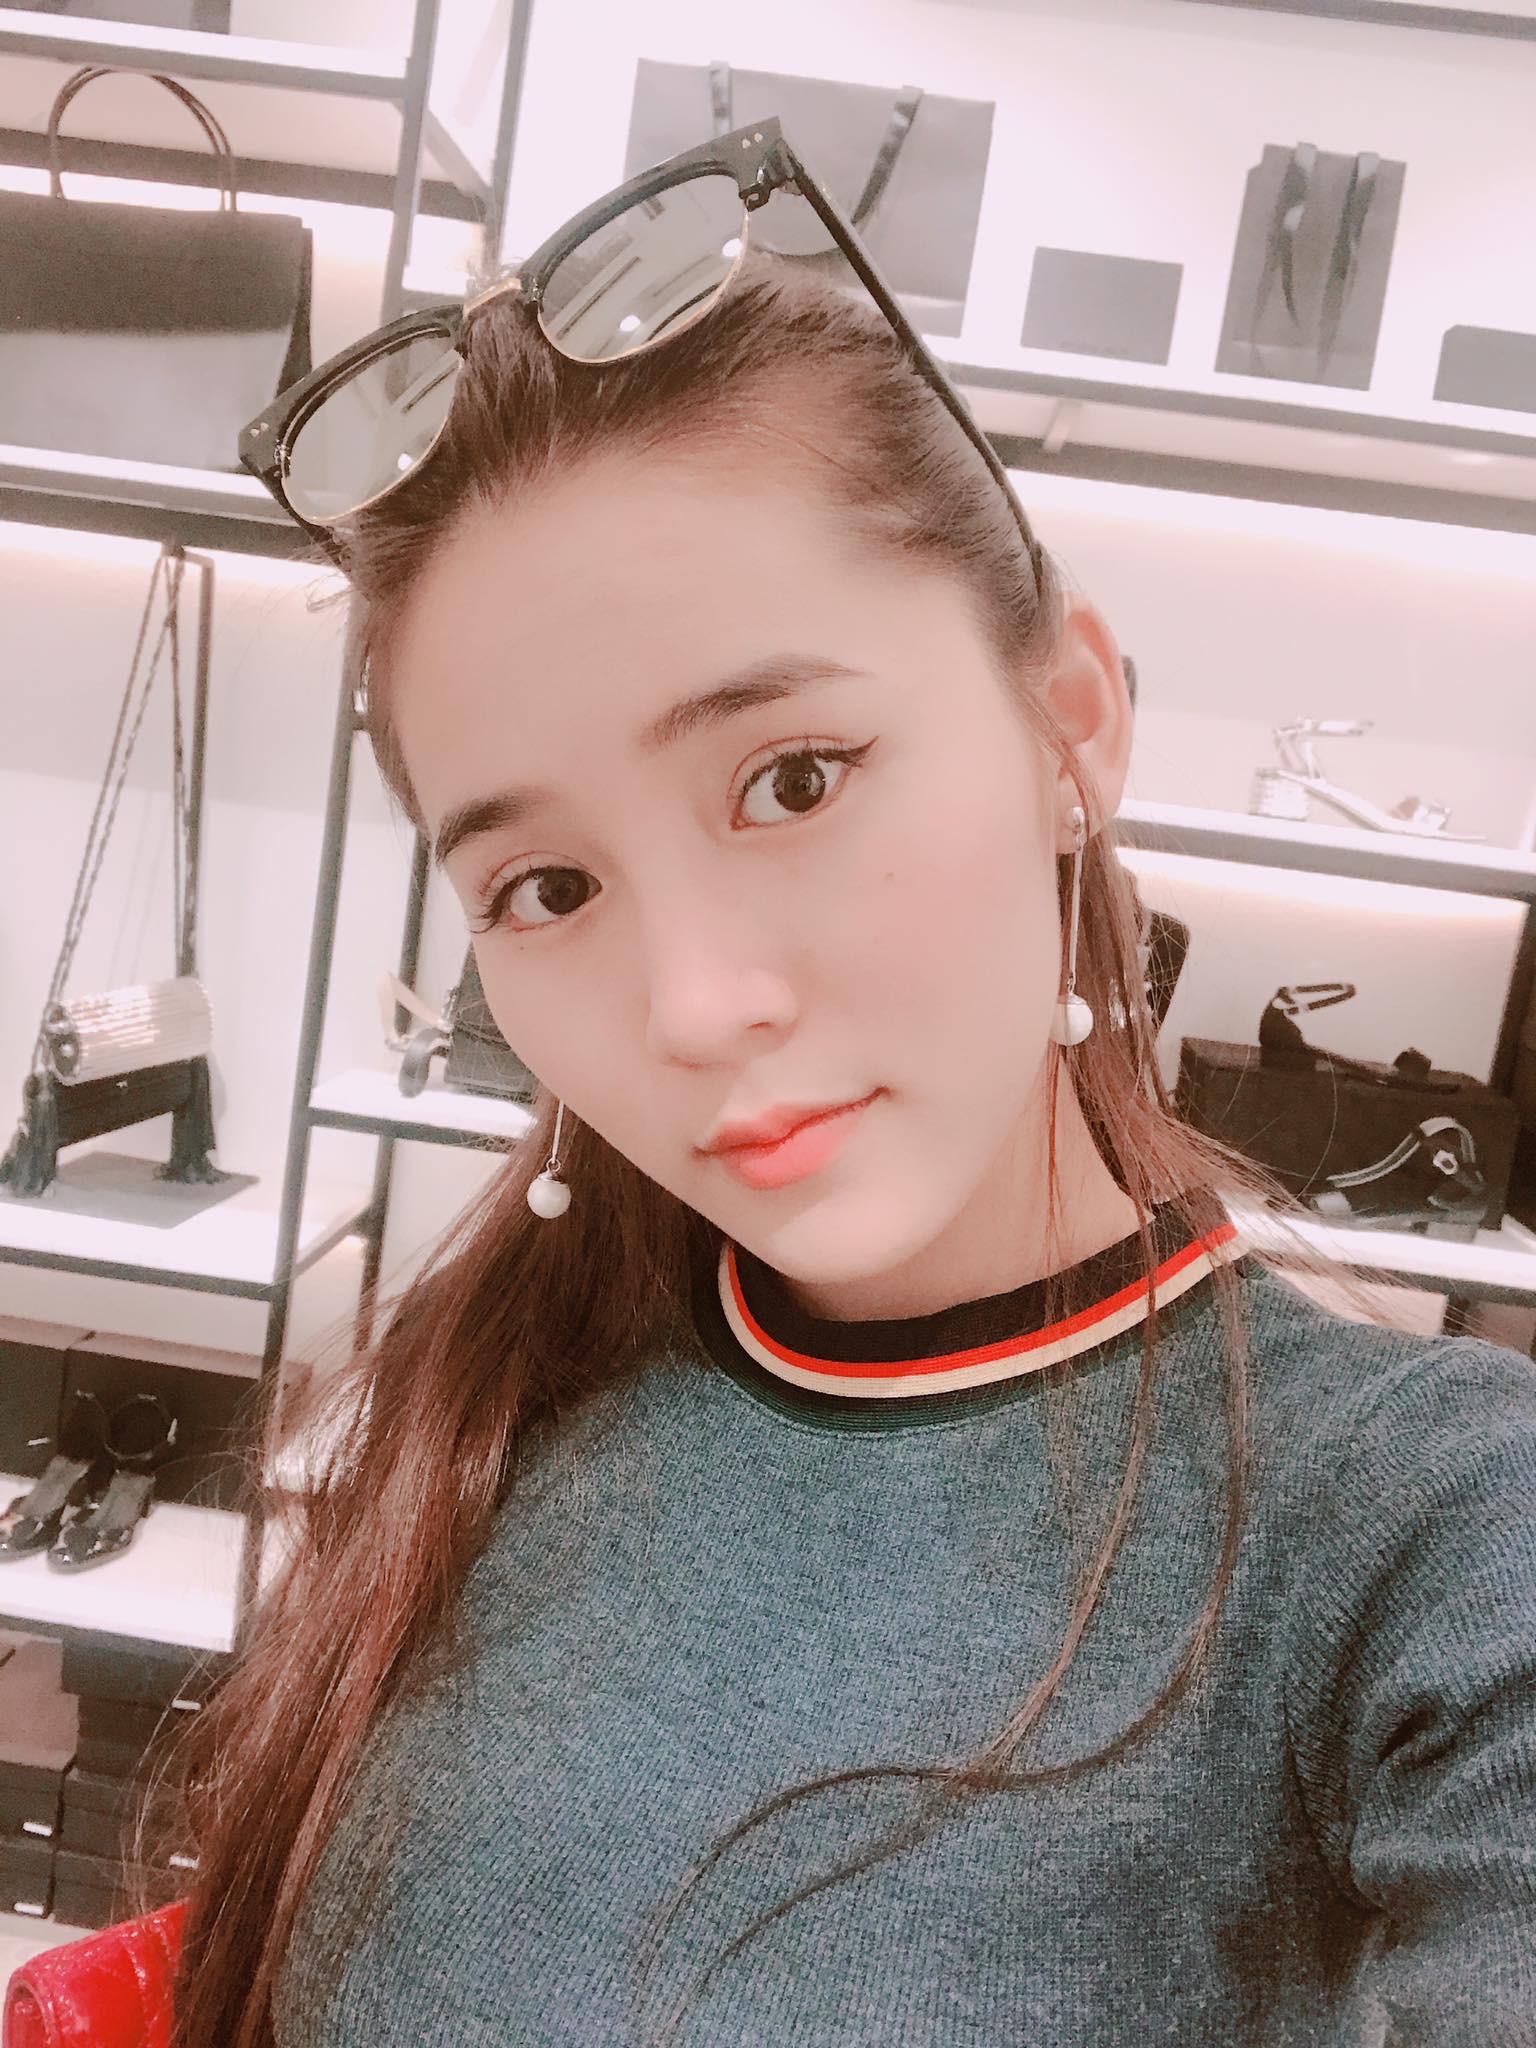 Nhan sắc hiện tại của 3 hot girl Việt từng được mệnh danh cô bé trà sữa - Ảnh 19.